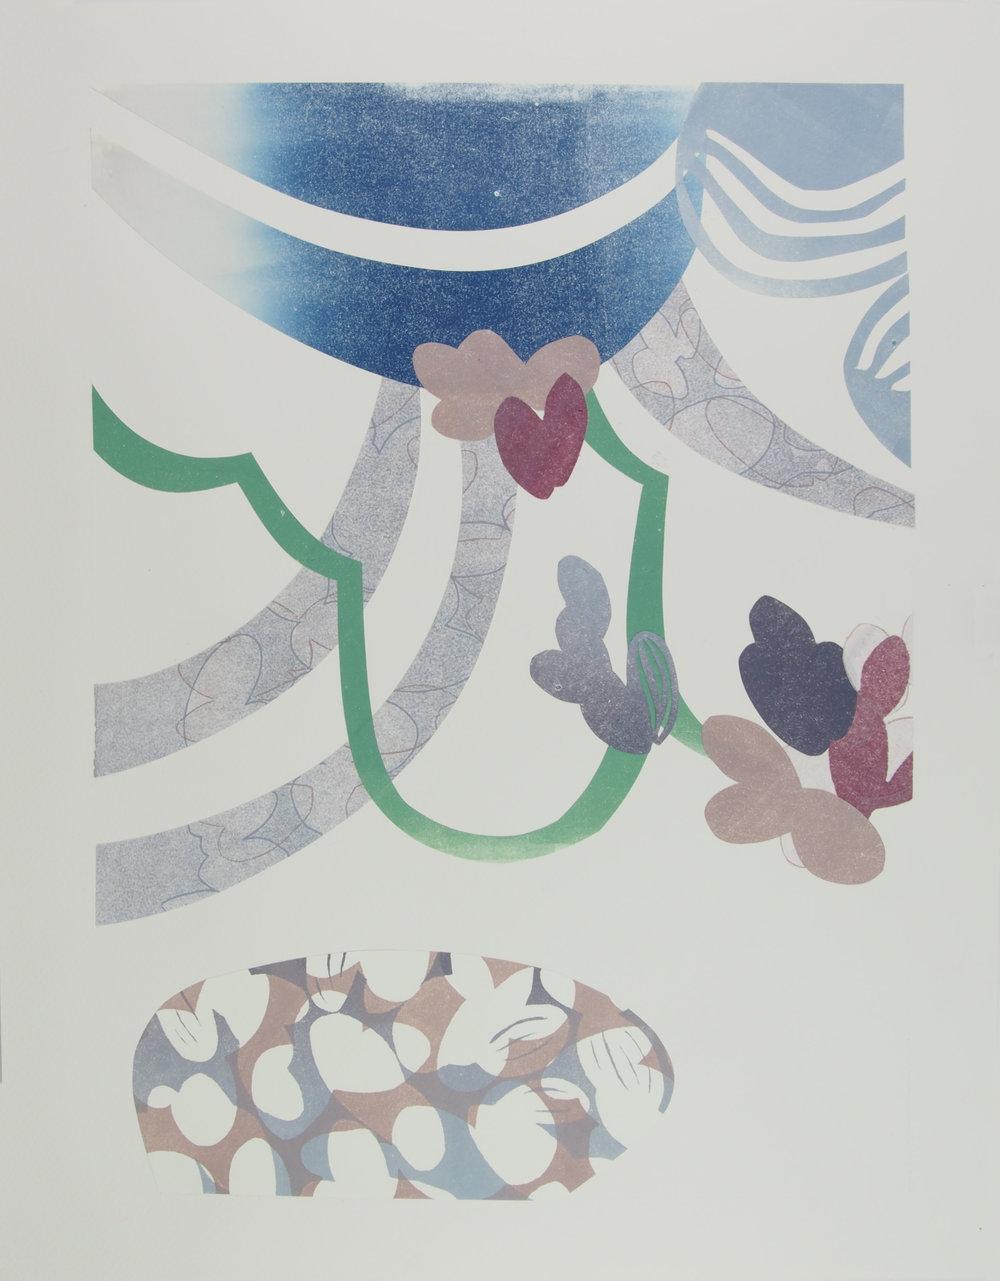 Akibare II, 49 x 36.5cm